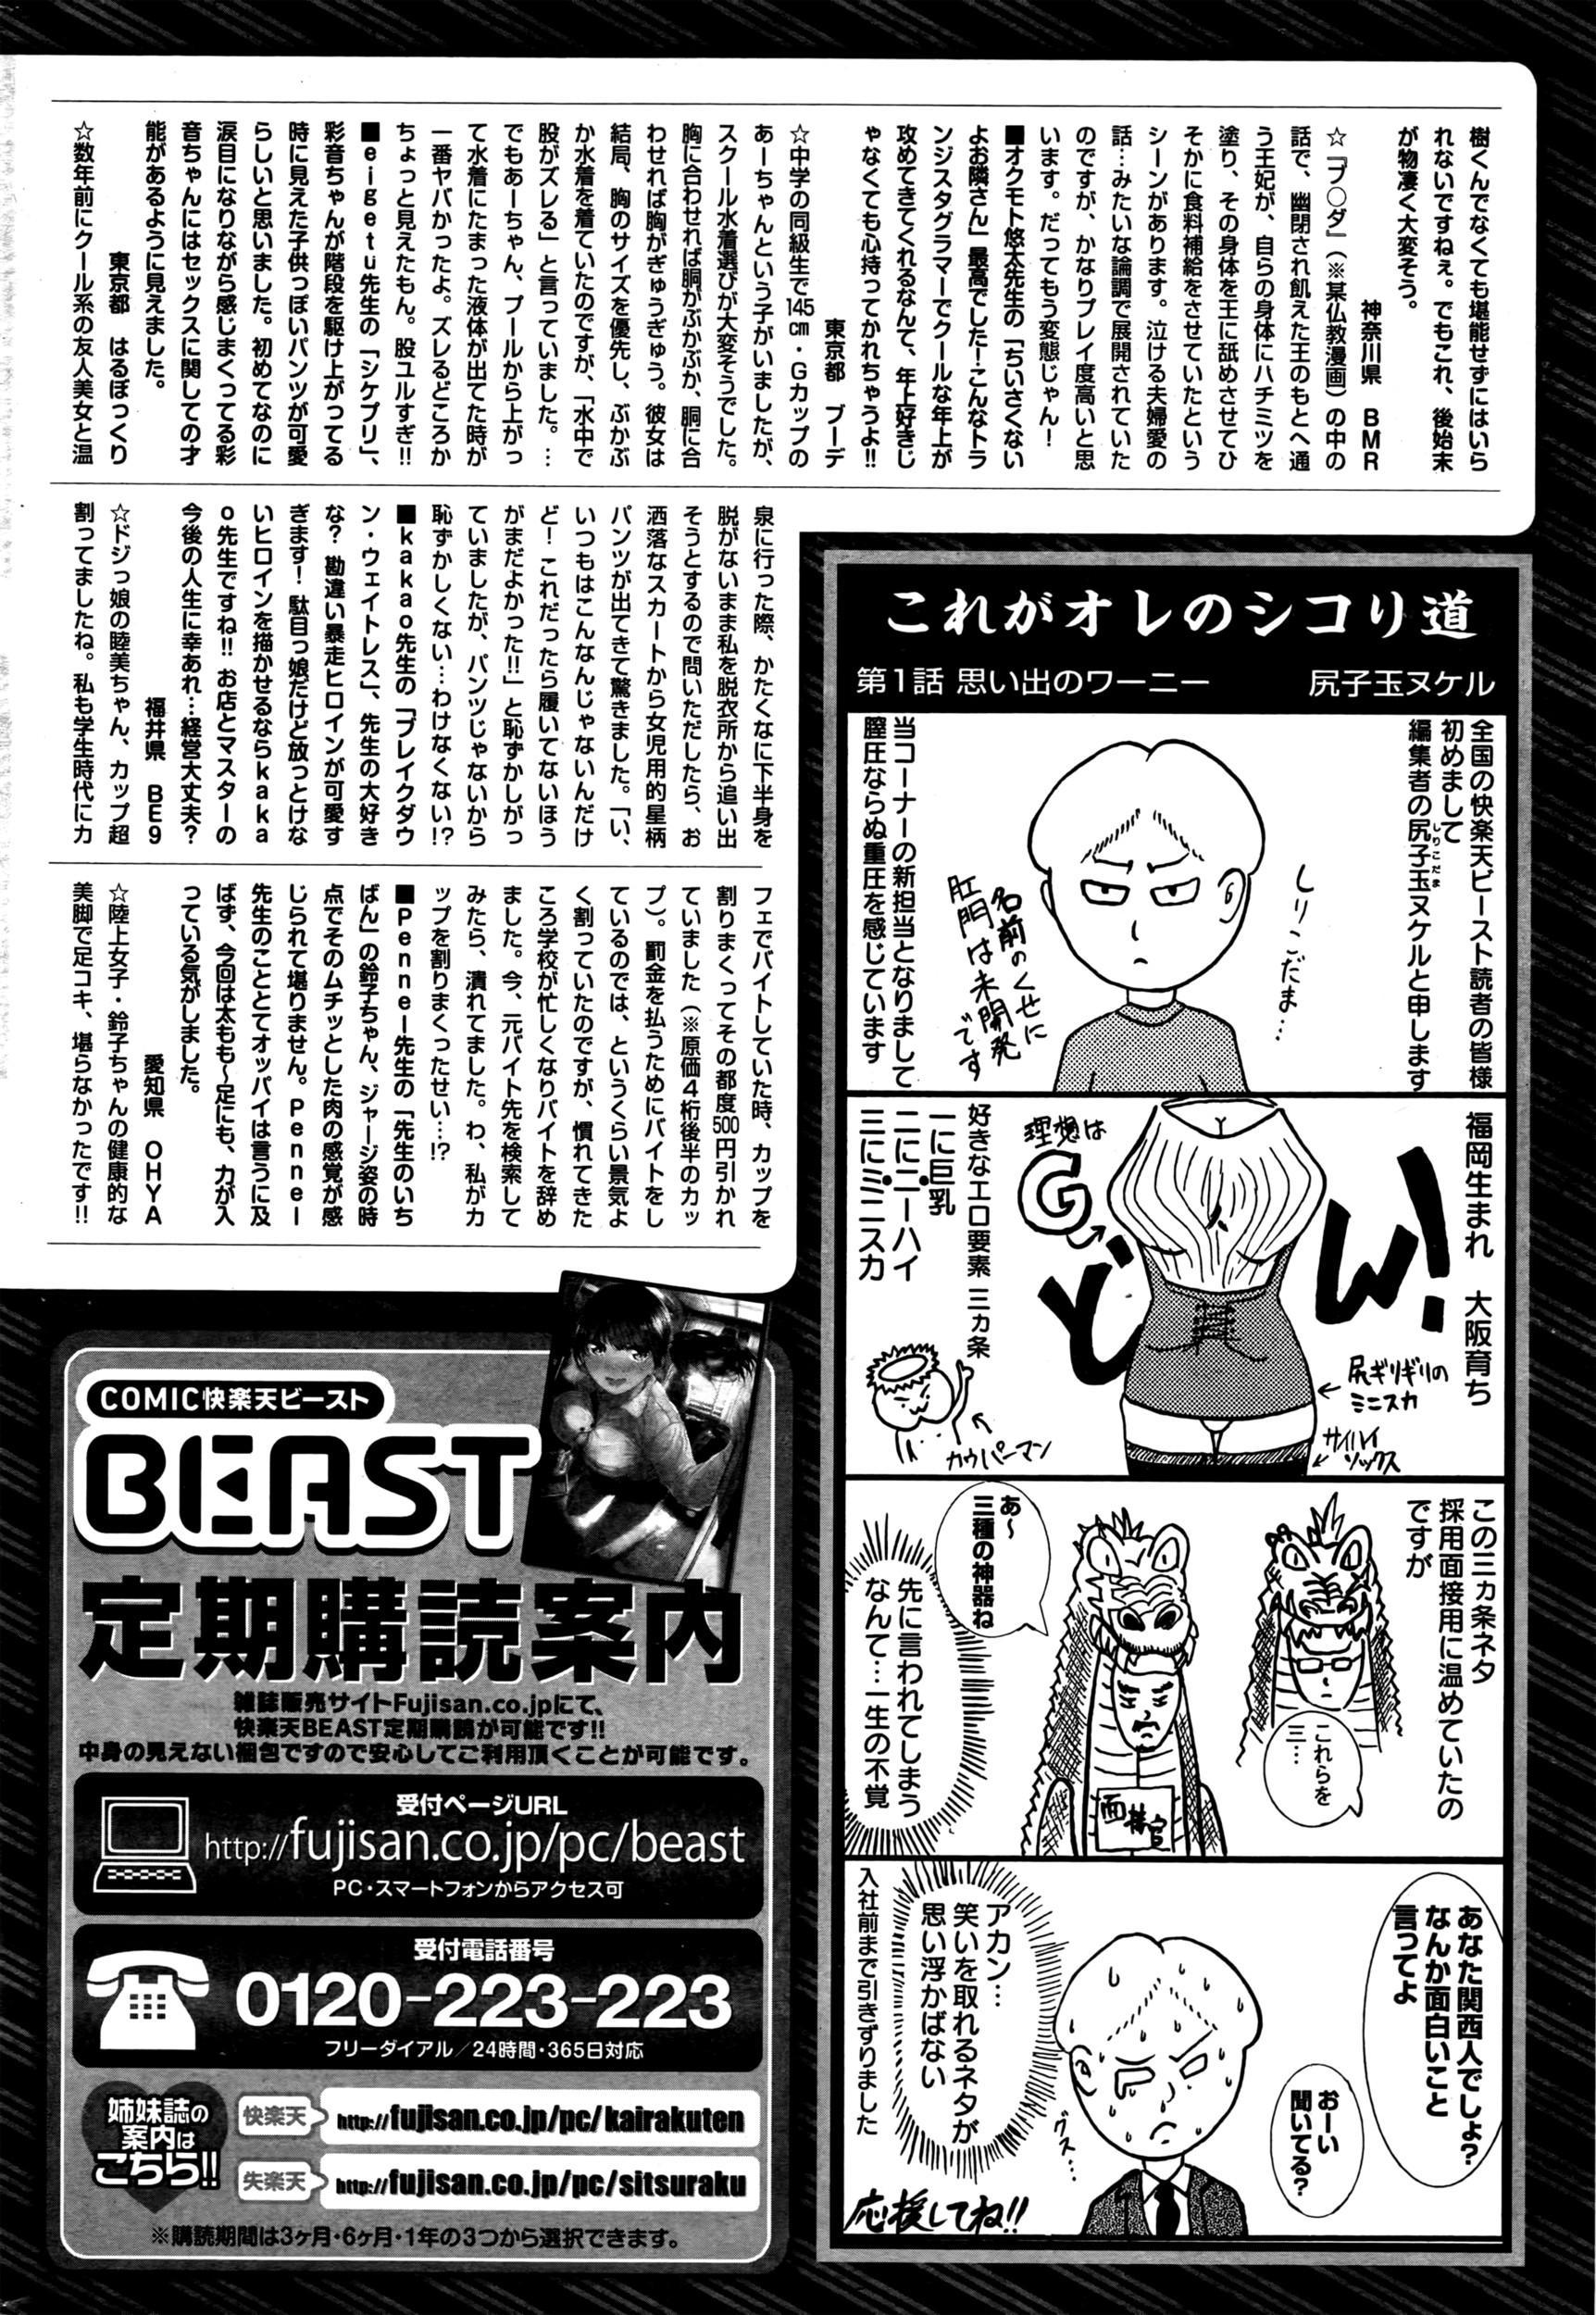 COMIC Kairakuten BEAST 2016-05 323